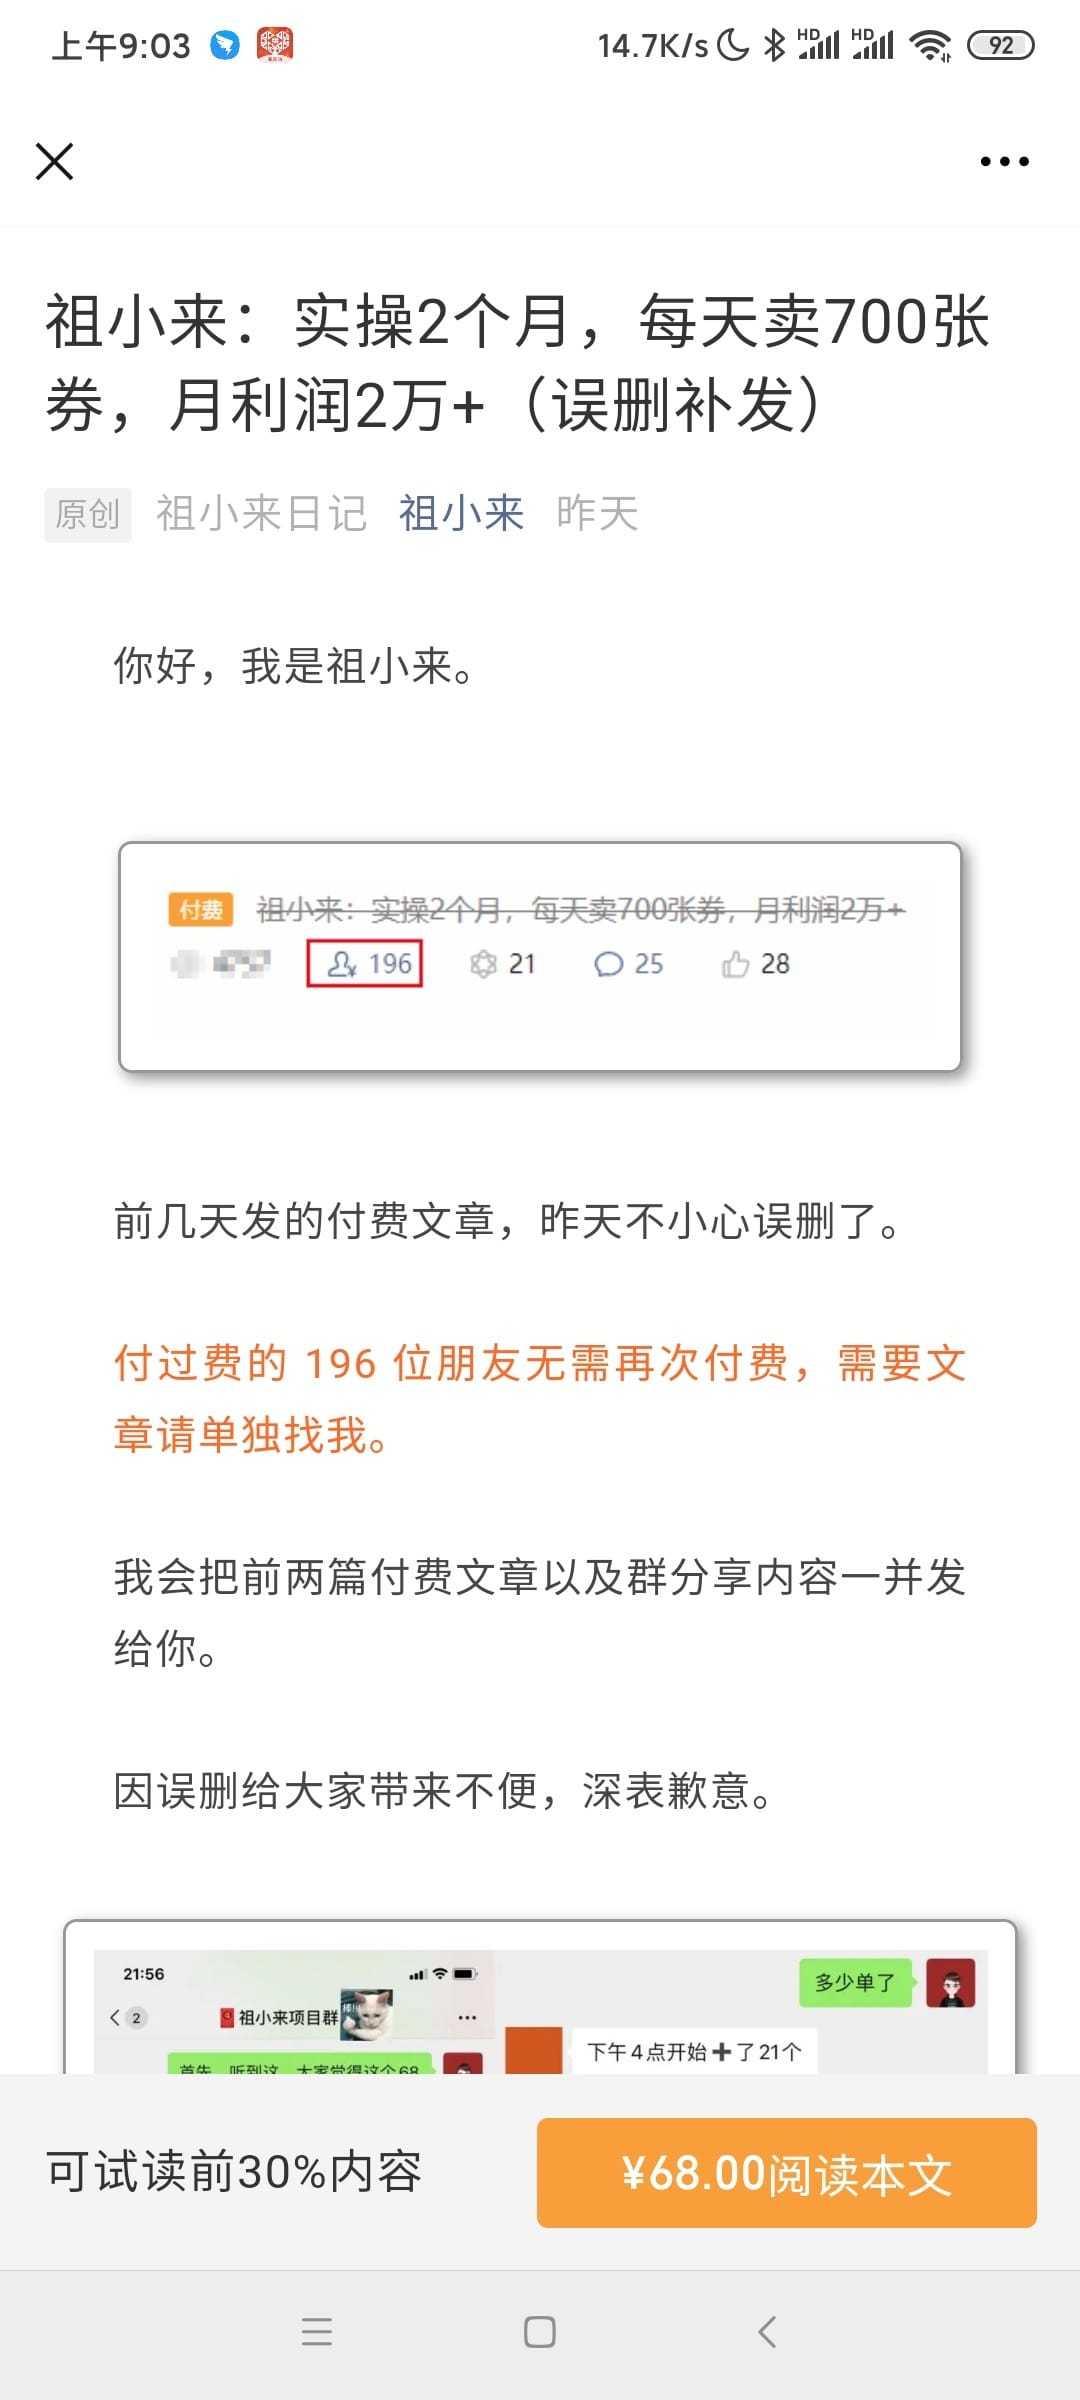 祖小来:实操2个月,每天卖700张券,月利润2万+